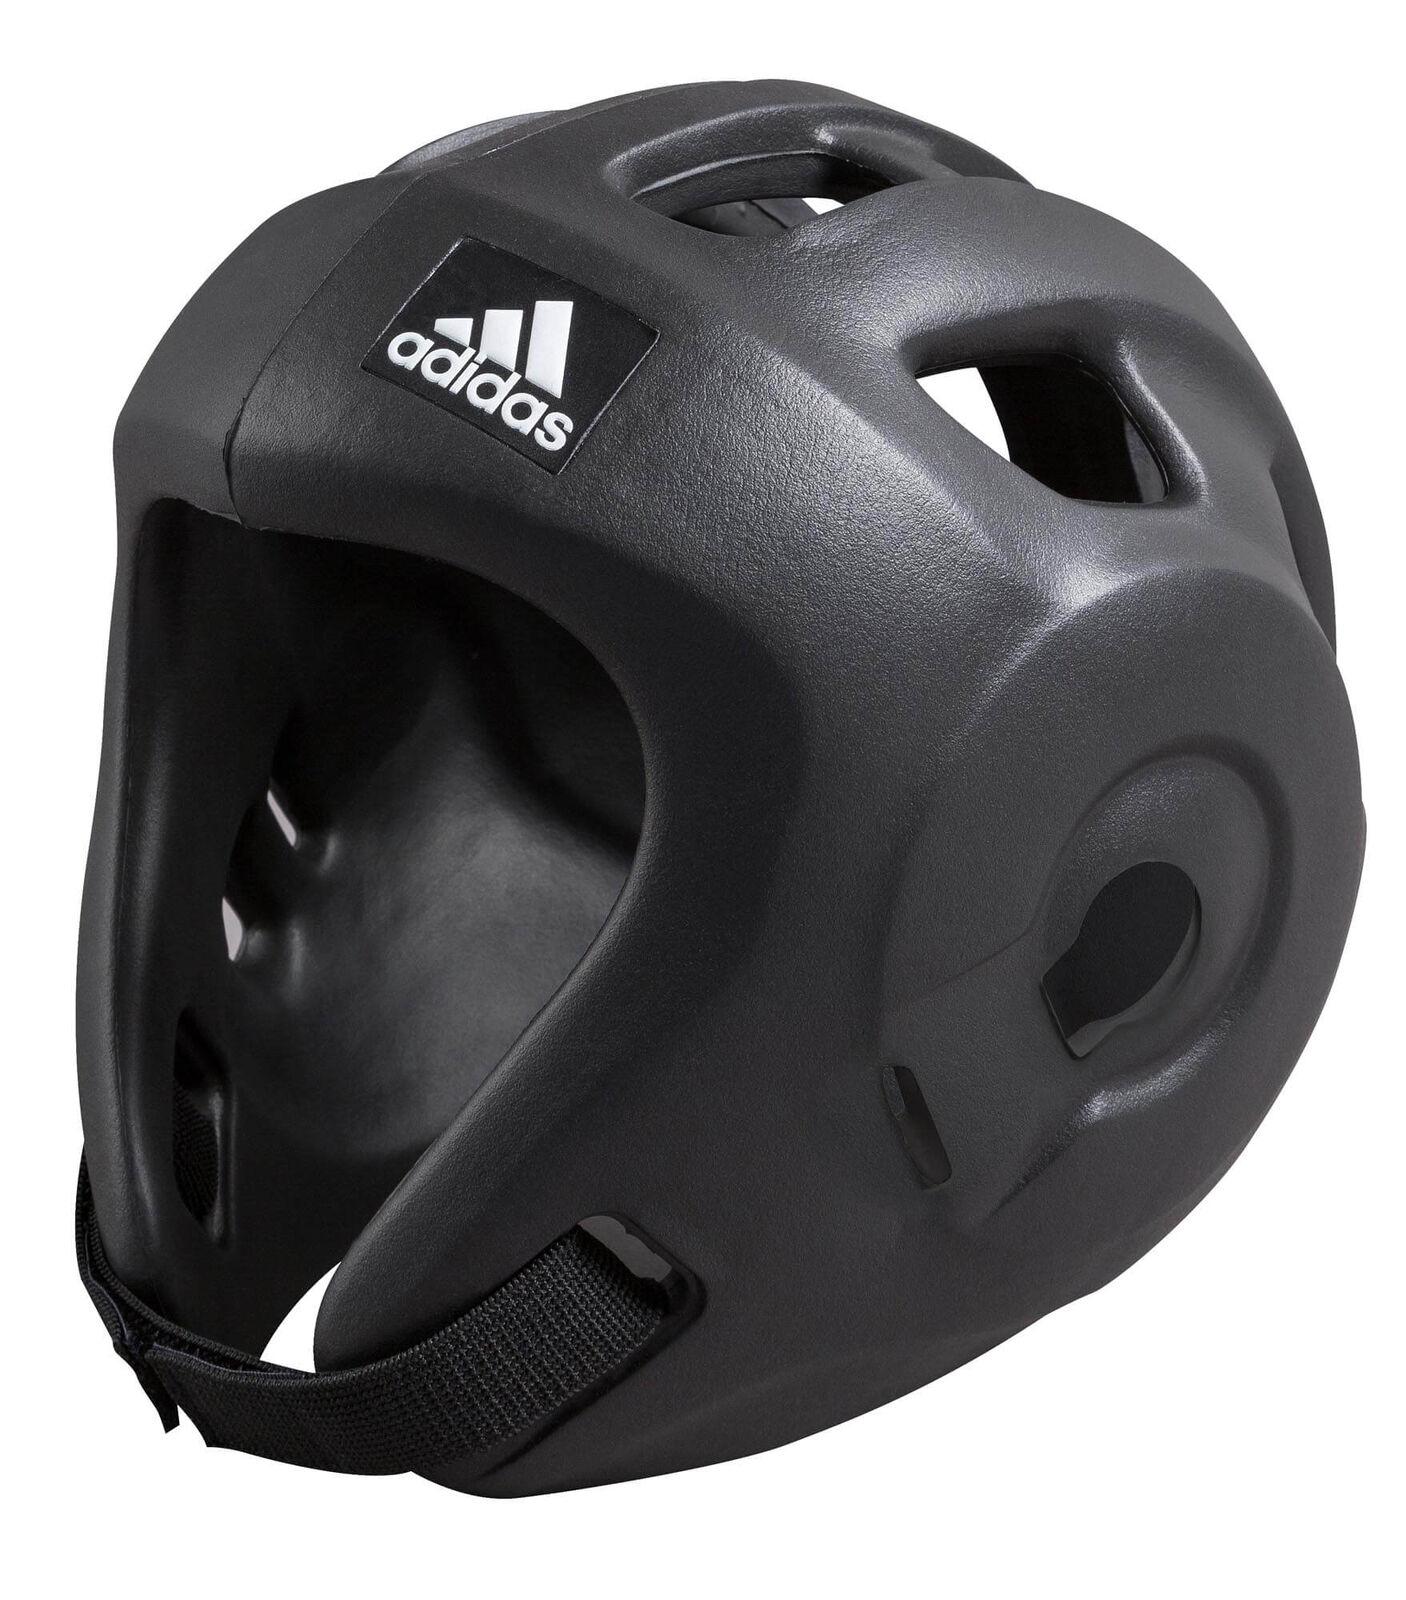 Adidas Kopfschutz adizero schwarz adibhg028 Wako superleicht